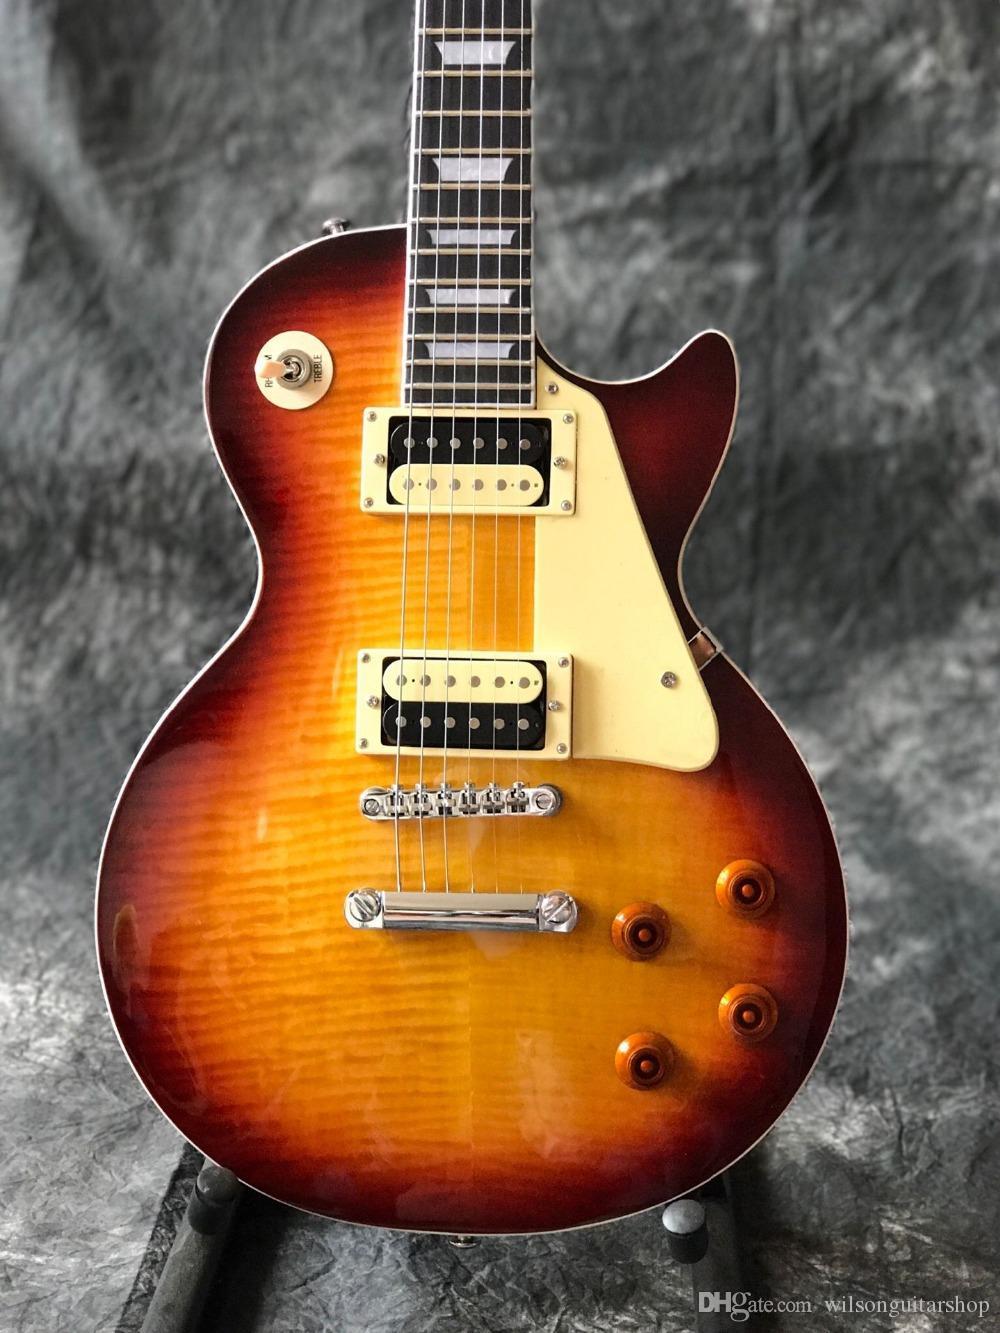 Top qualidade Tiger Chama LP costume padrão guitarra elétrica Padrão 59 Sunburst gitaar, guitarra creme escudo.